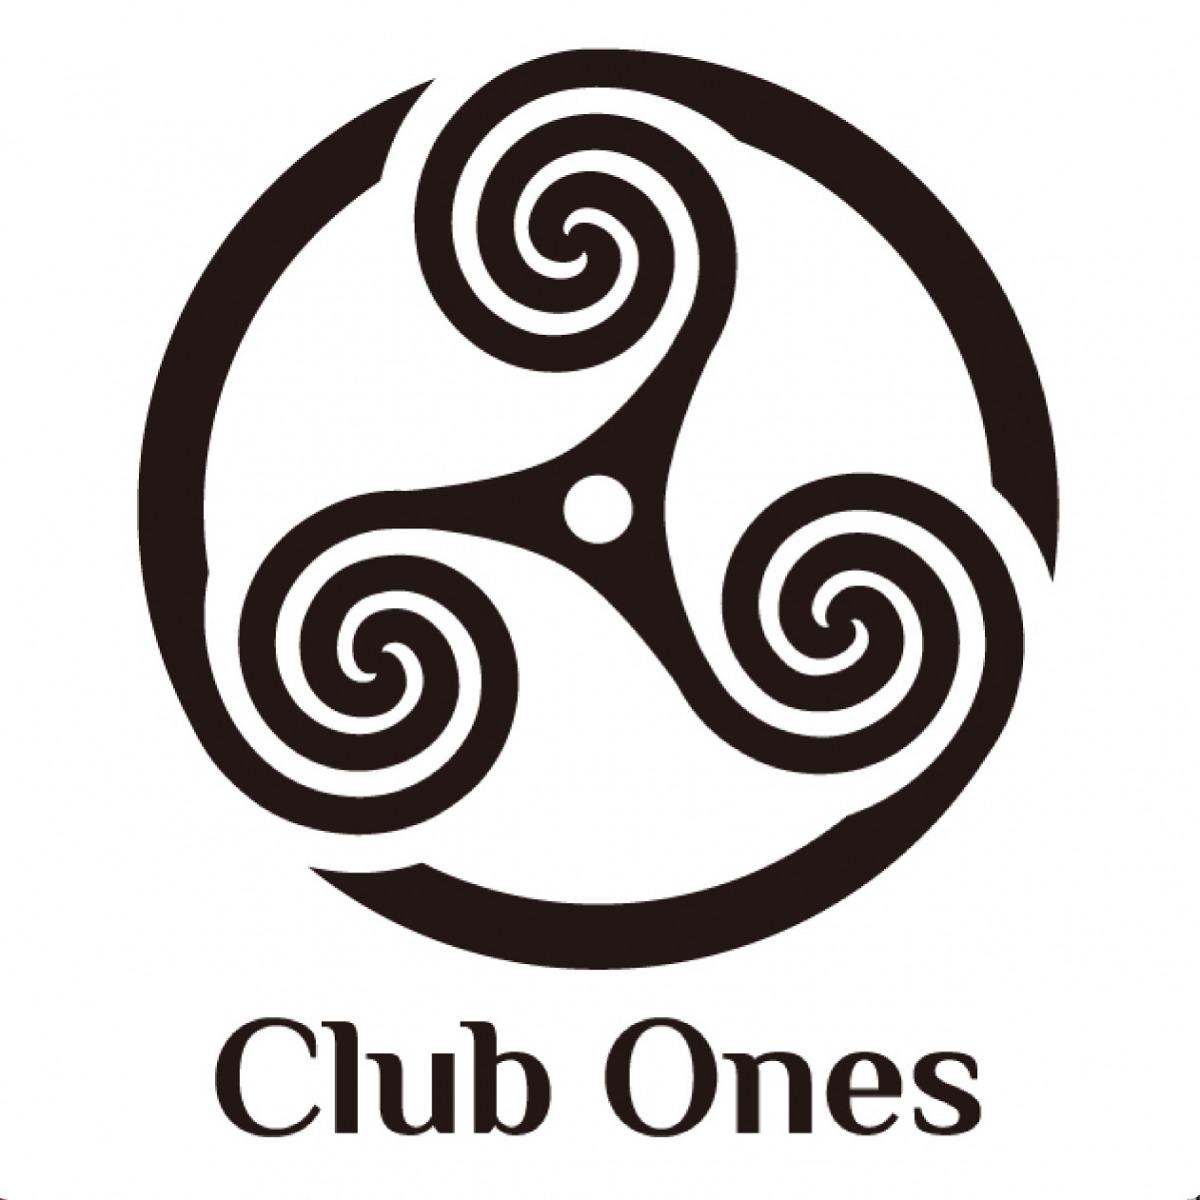 Club Ones